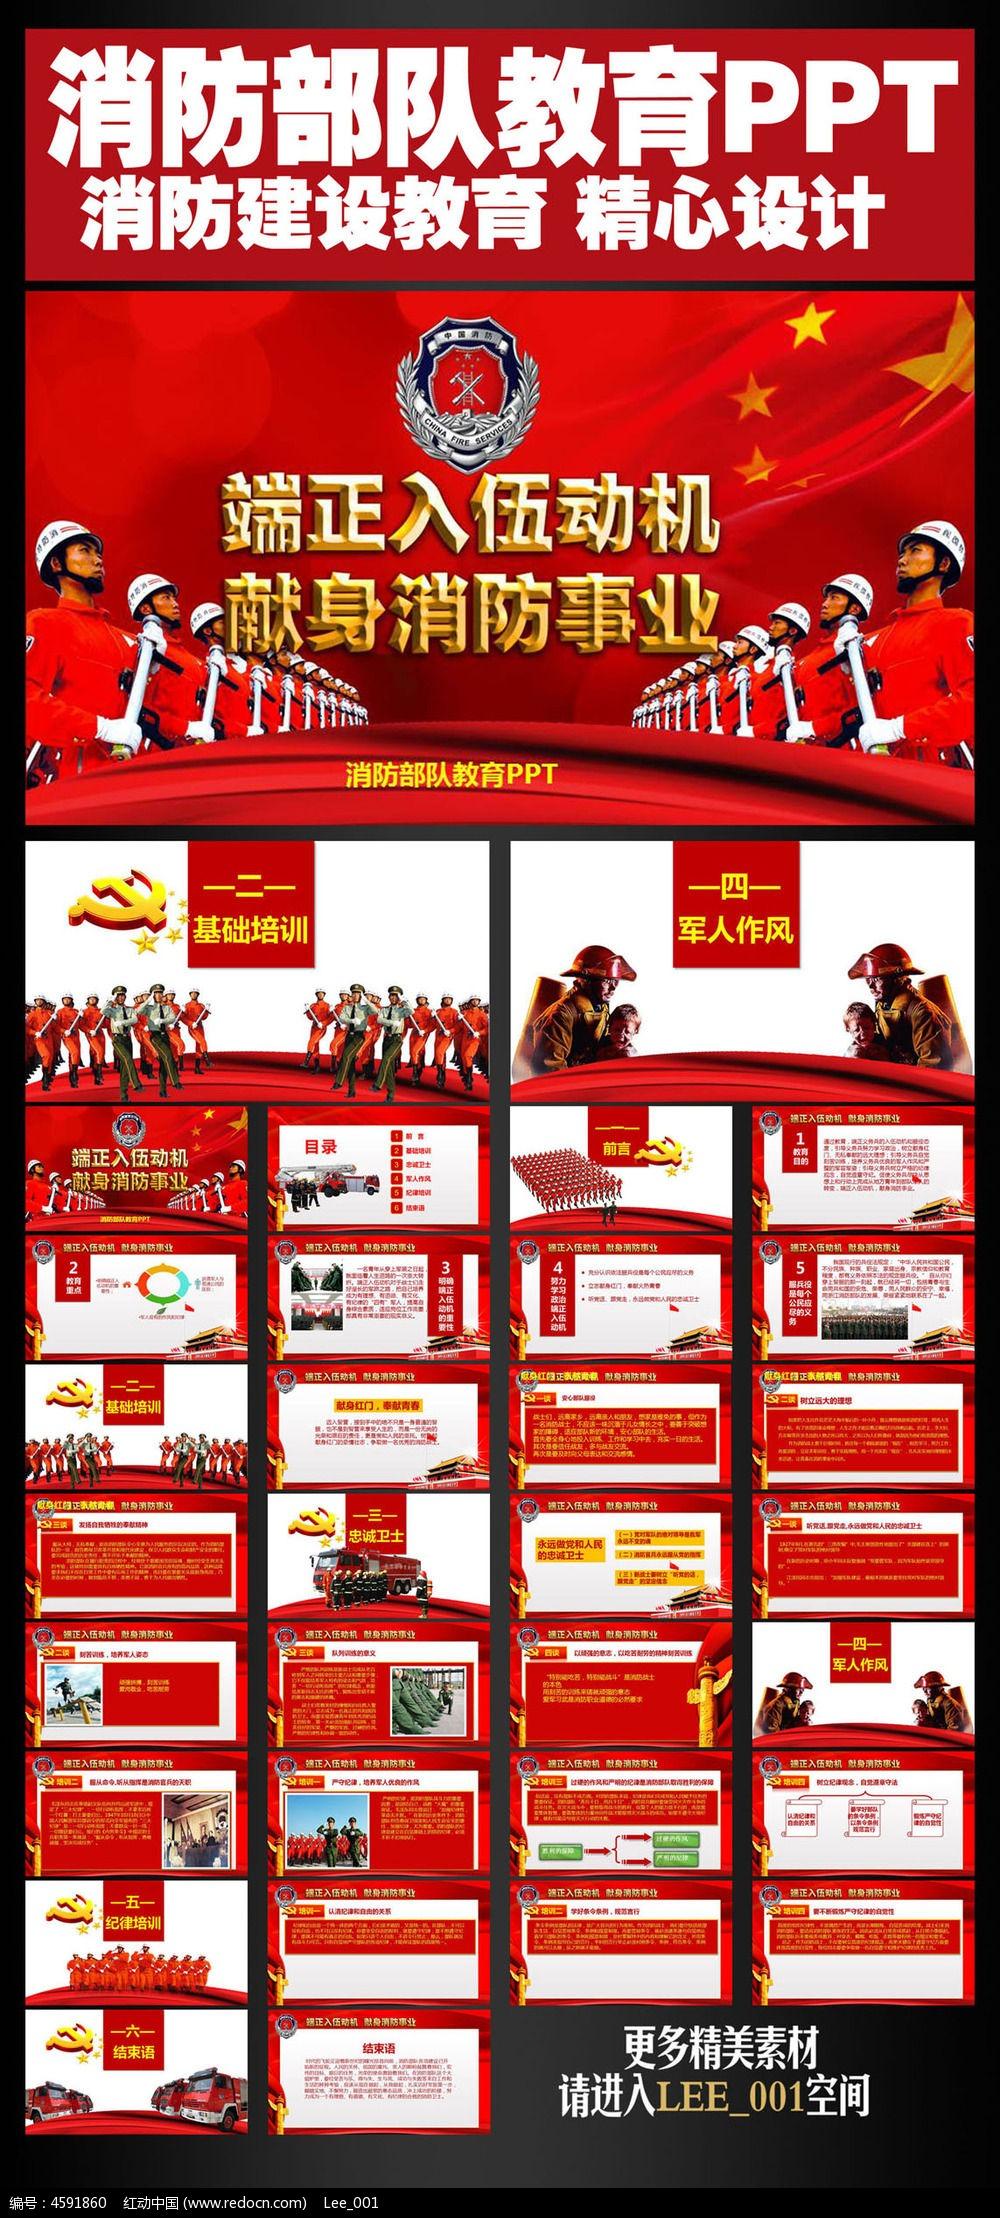 政府部队公安消防教育PPT模版图片